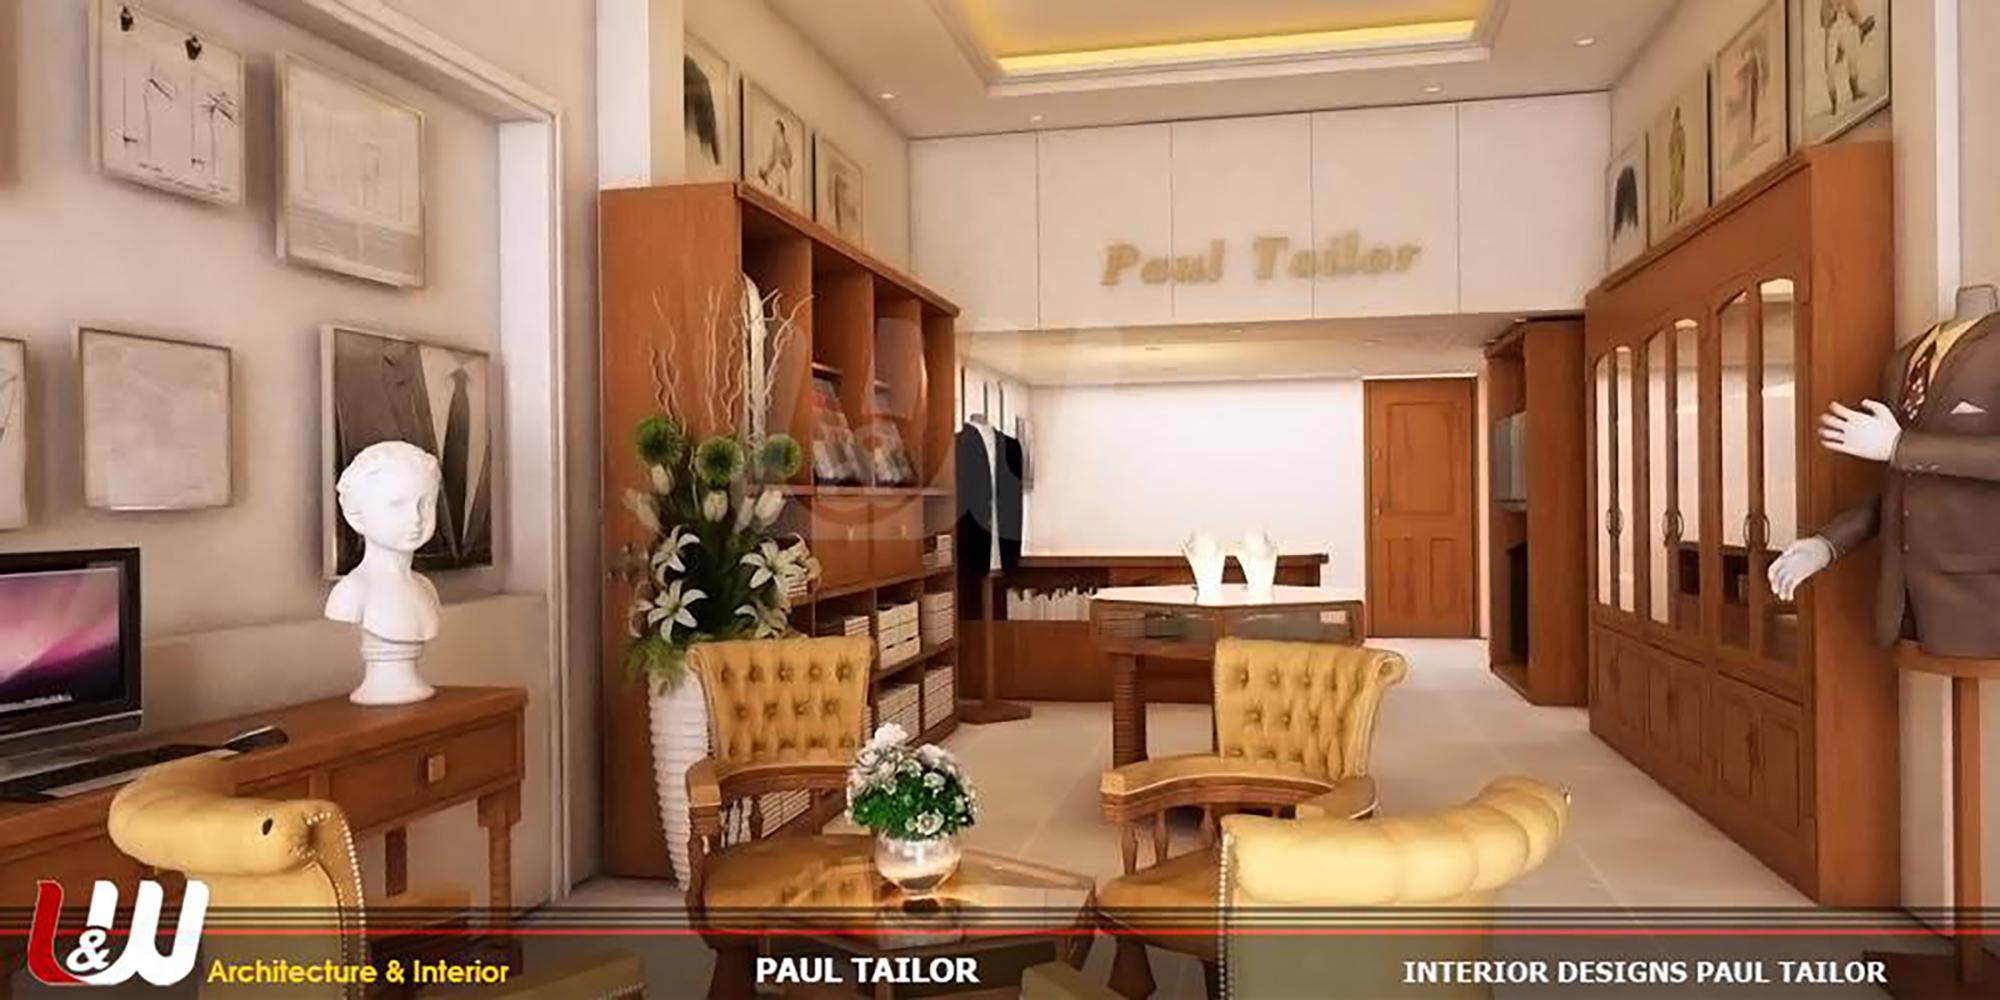 PAUL TAILOR